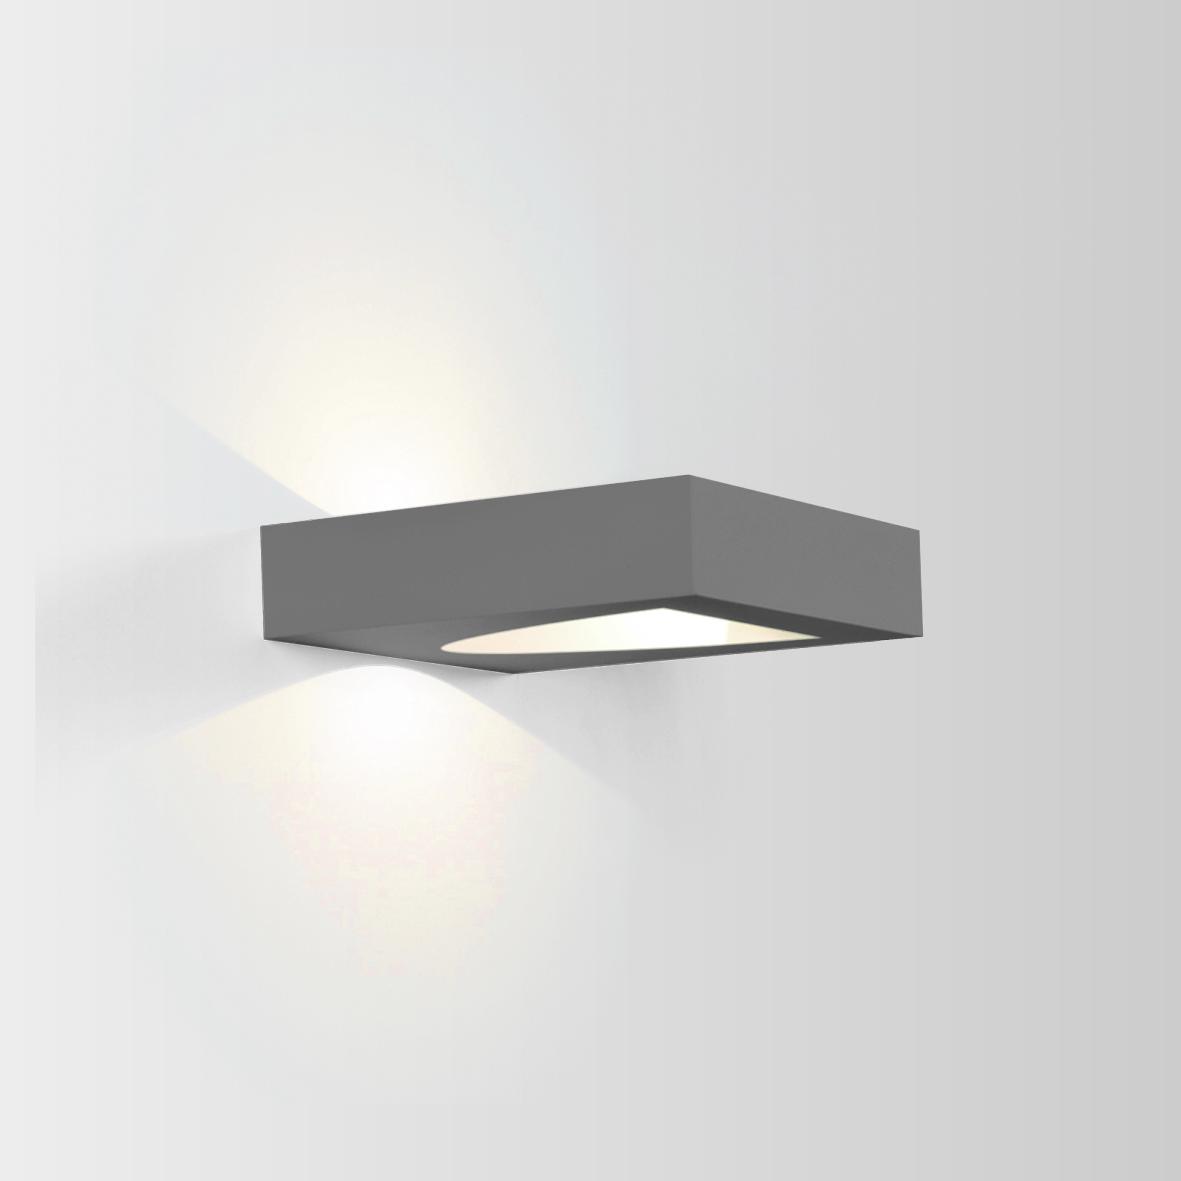 SMILE 2.0 LED 3000K DIM 8W 480lm 80CRI 220-240VAC IP65, valge välisvalgusti seinale